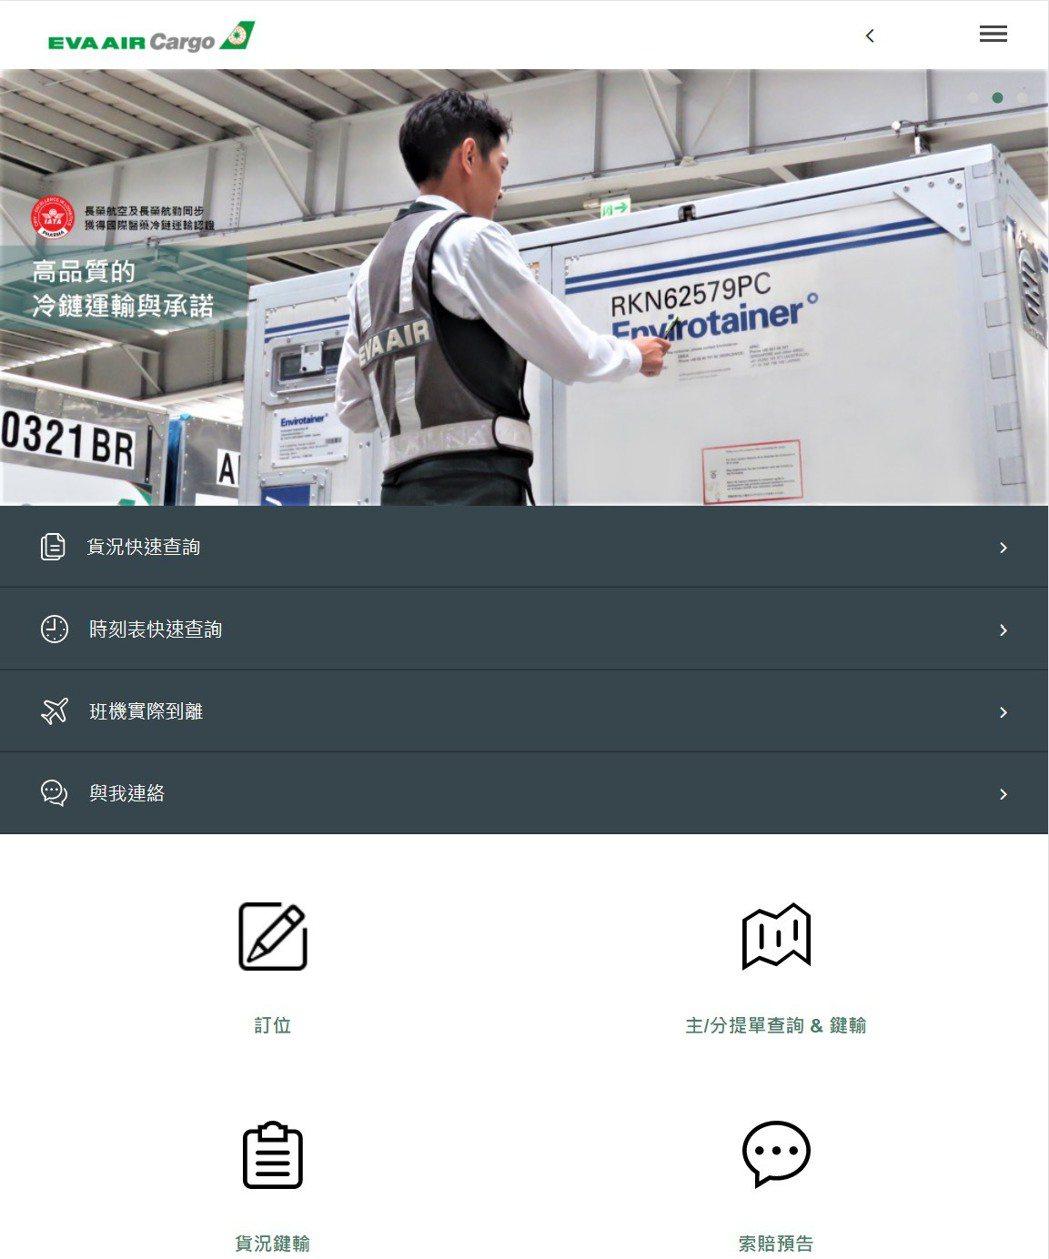 長榮航空貨運全球資訊網改版上線,可偵測電腦、平板、手機等不同行動裝置的螢幕大小以...